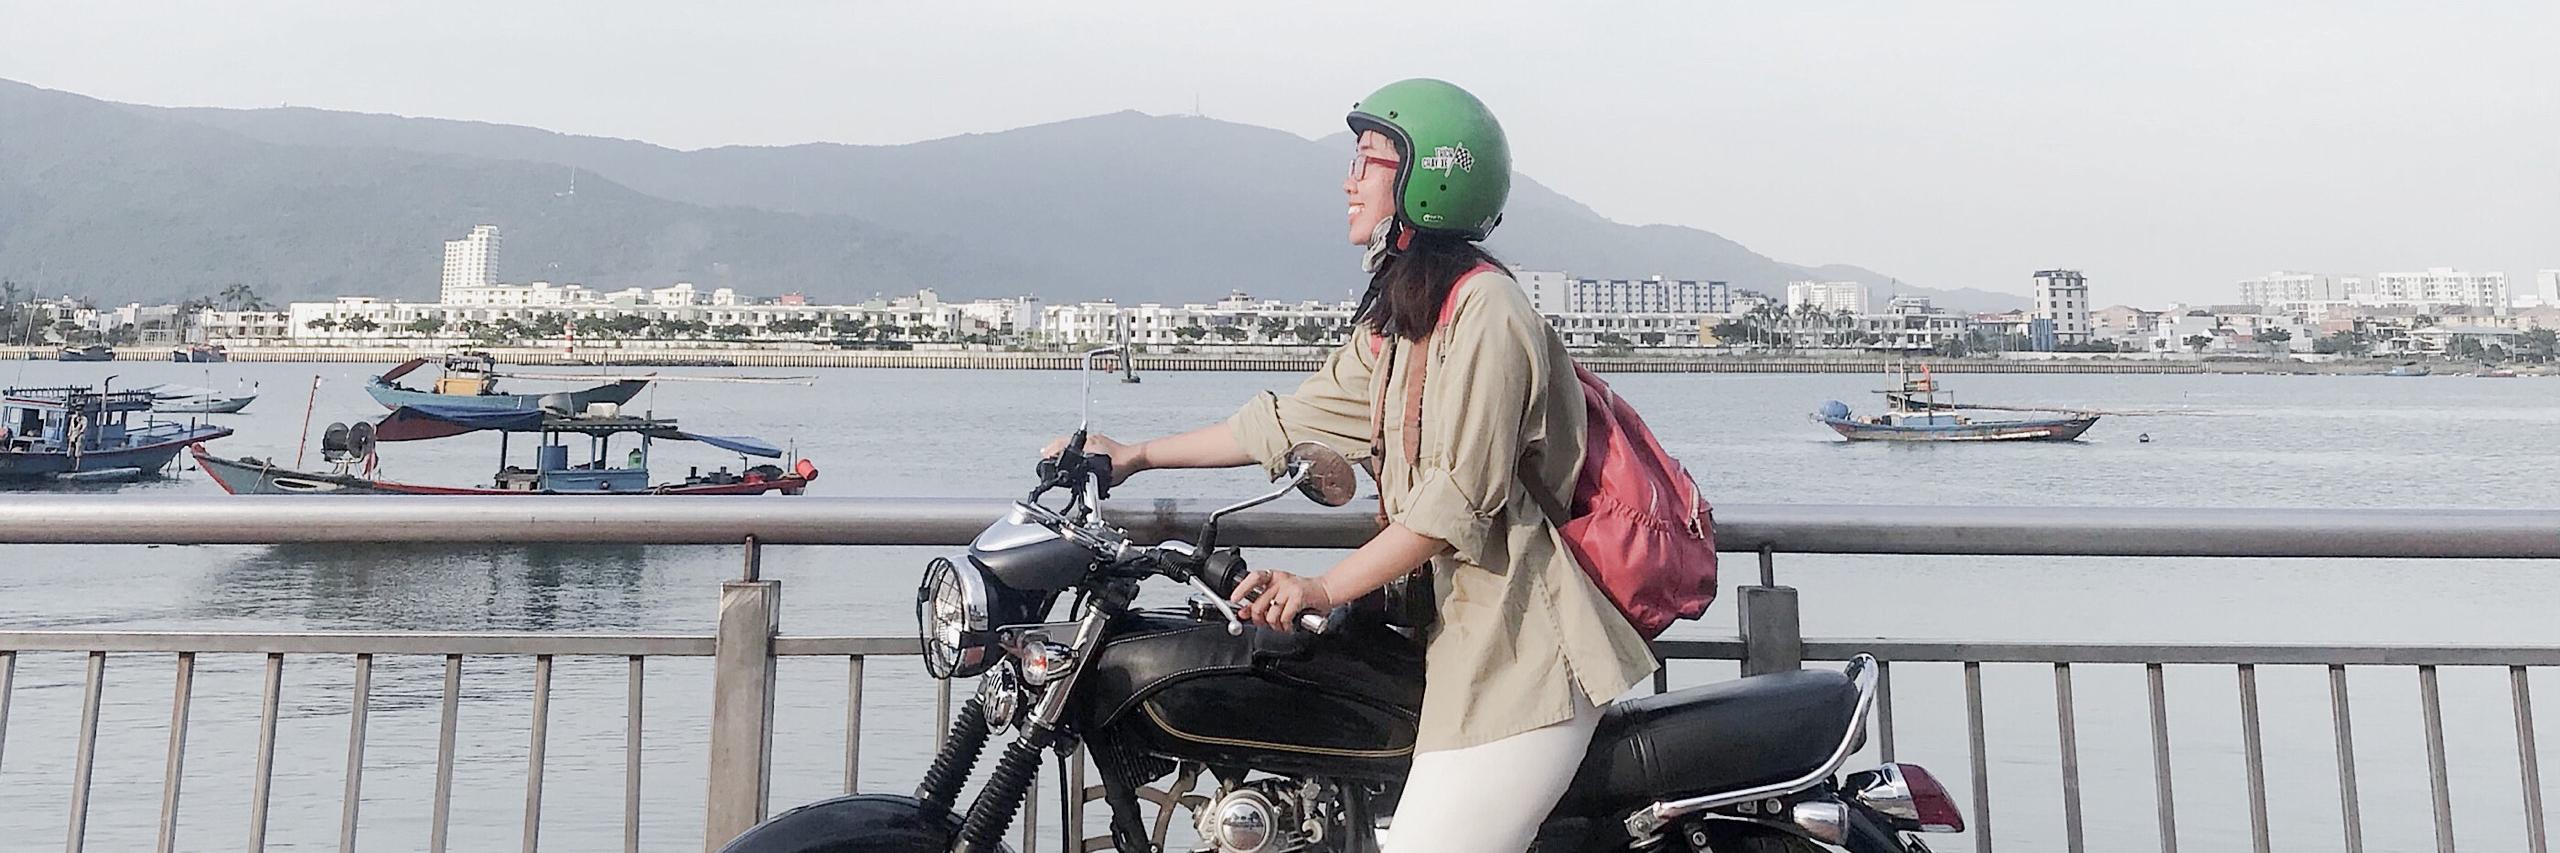 https://gody.vn/blog/congchua_mauhong803174/post/kinh-nghiem-di-du-lich-mot-minh-danh-cho-con-gai-9137